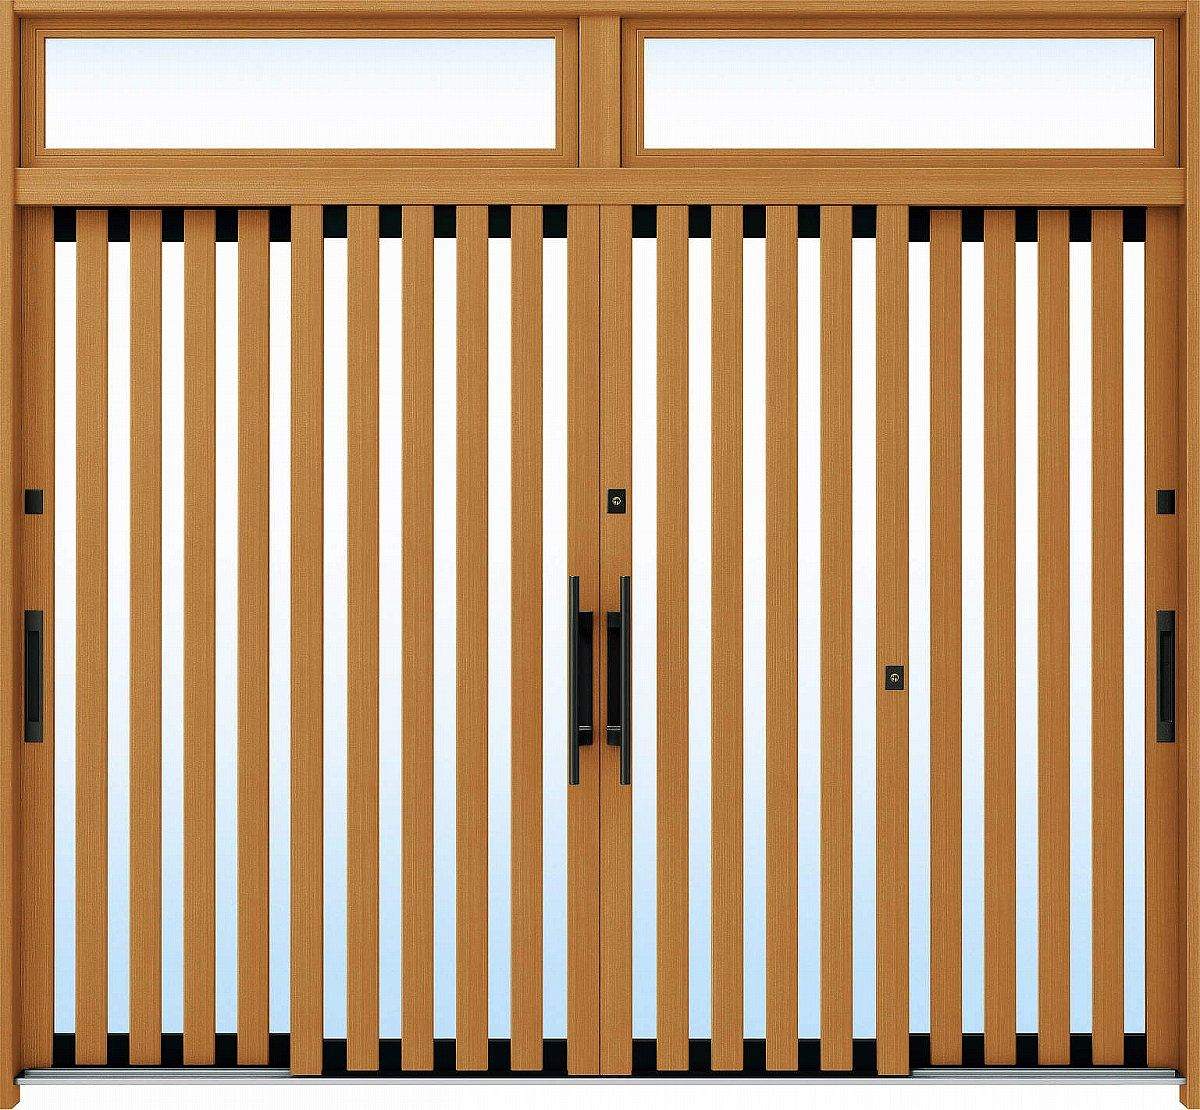 【数量は多】 断熱玄関引戸 A01[木目柄]:複層ガラス[幅2600mm×高2330mm]【ykk】【YKK玄関引き戸】【れんじゅ】【玄関戸】【玄関ドア引戸】【gennkann】:ノース&ウエスト YKKAP玄関 れん樹[伝統和風] 9尺4枚建[ランマ付]-木材・建築資材・設備